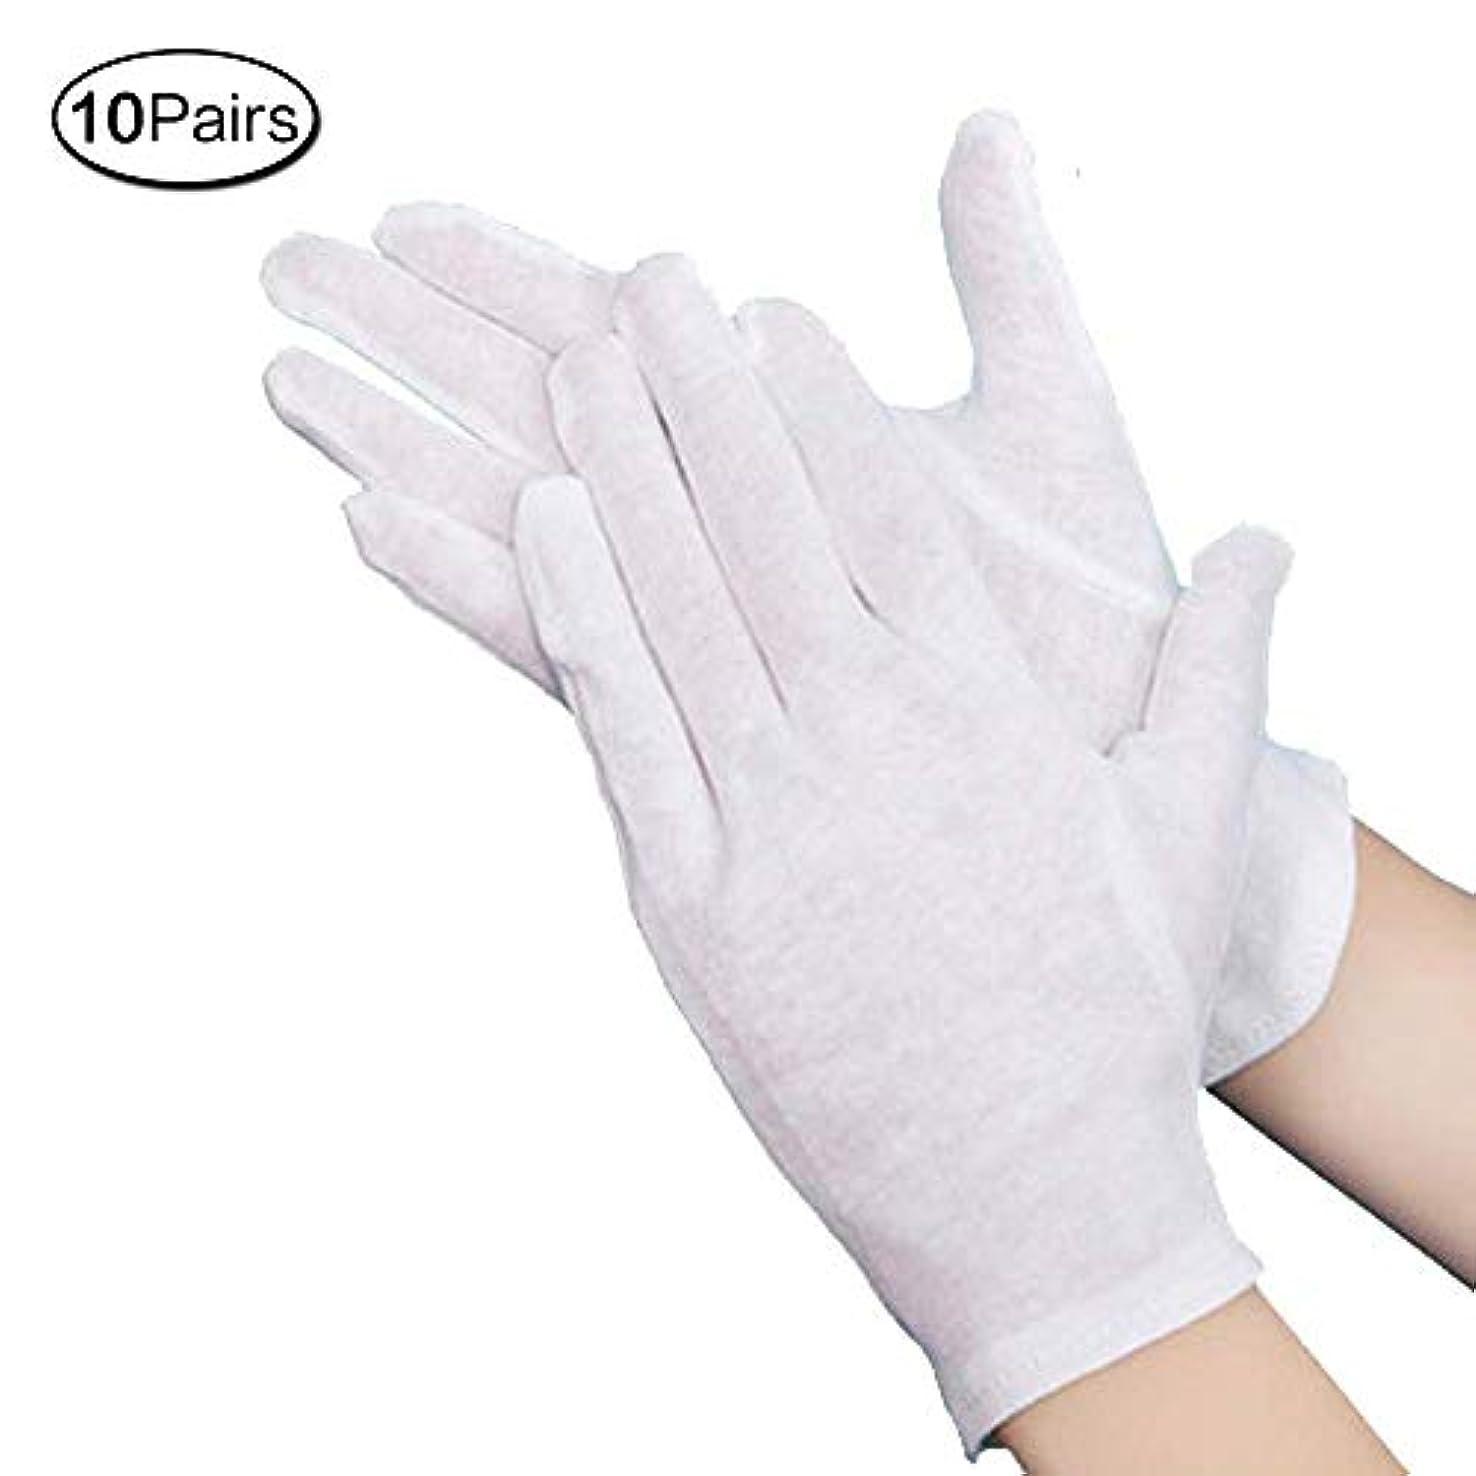 酸度巨大な長さ綿手袋 純綿100% 通気性 コットン手袋 10双組 M